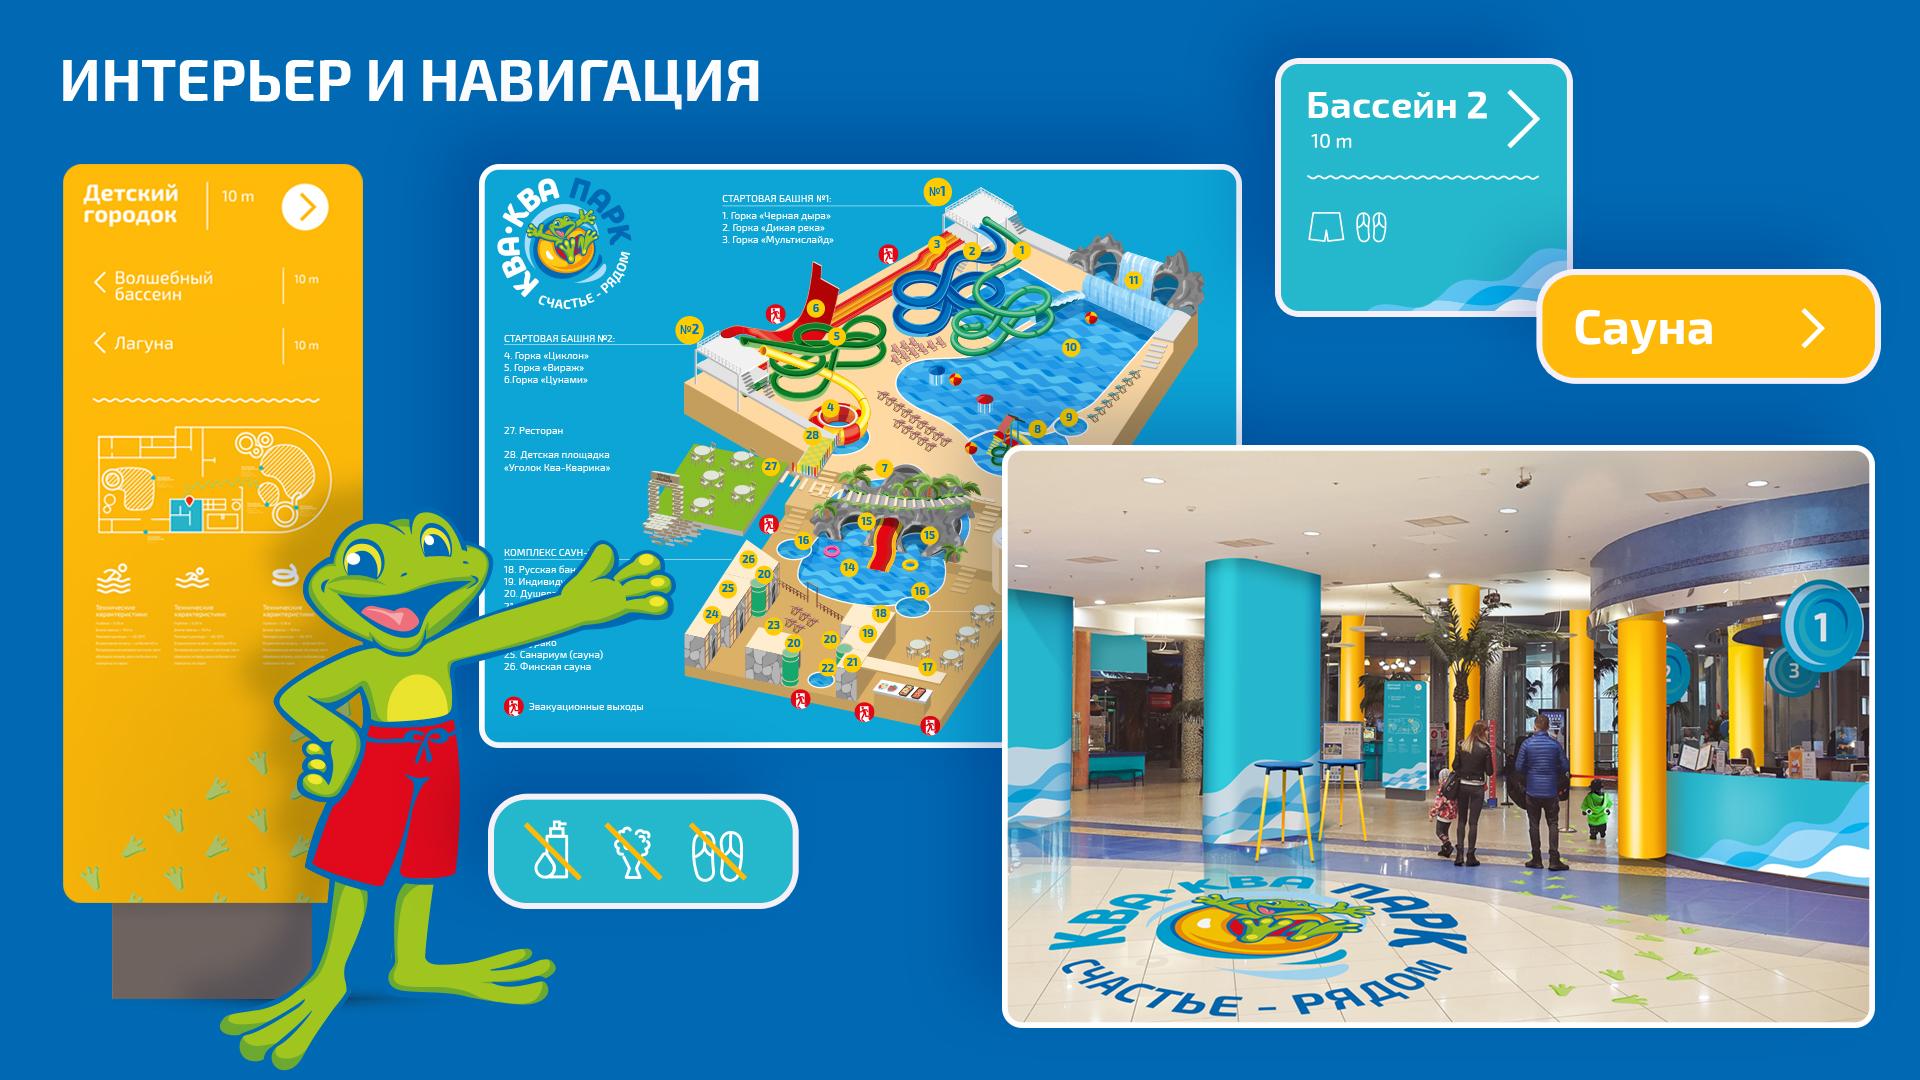 Навигация и интерьер аквапарка Ква-Ква парк